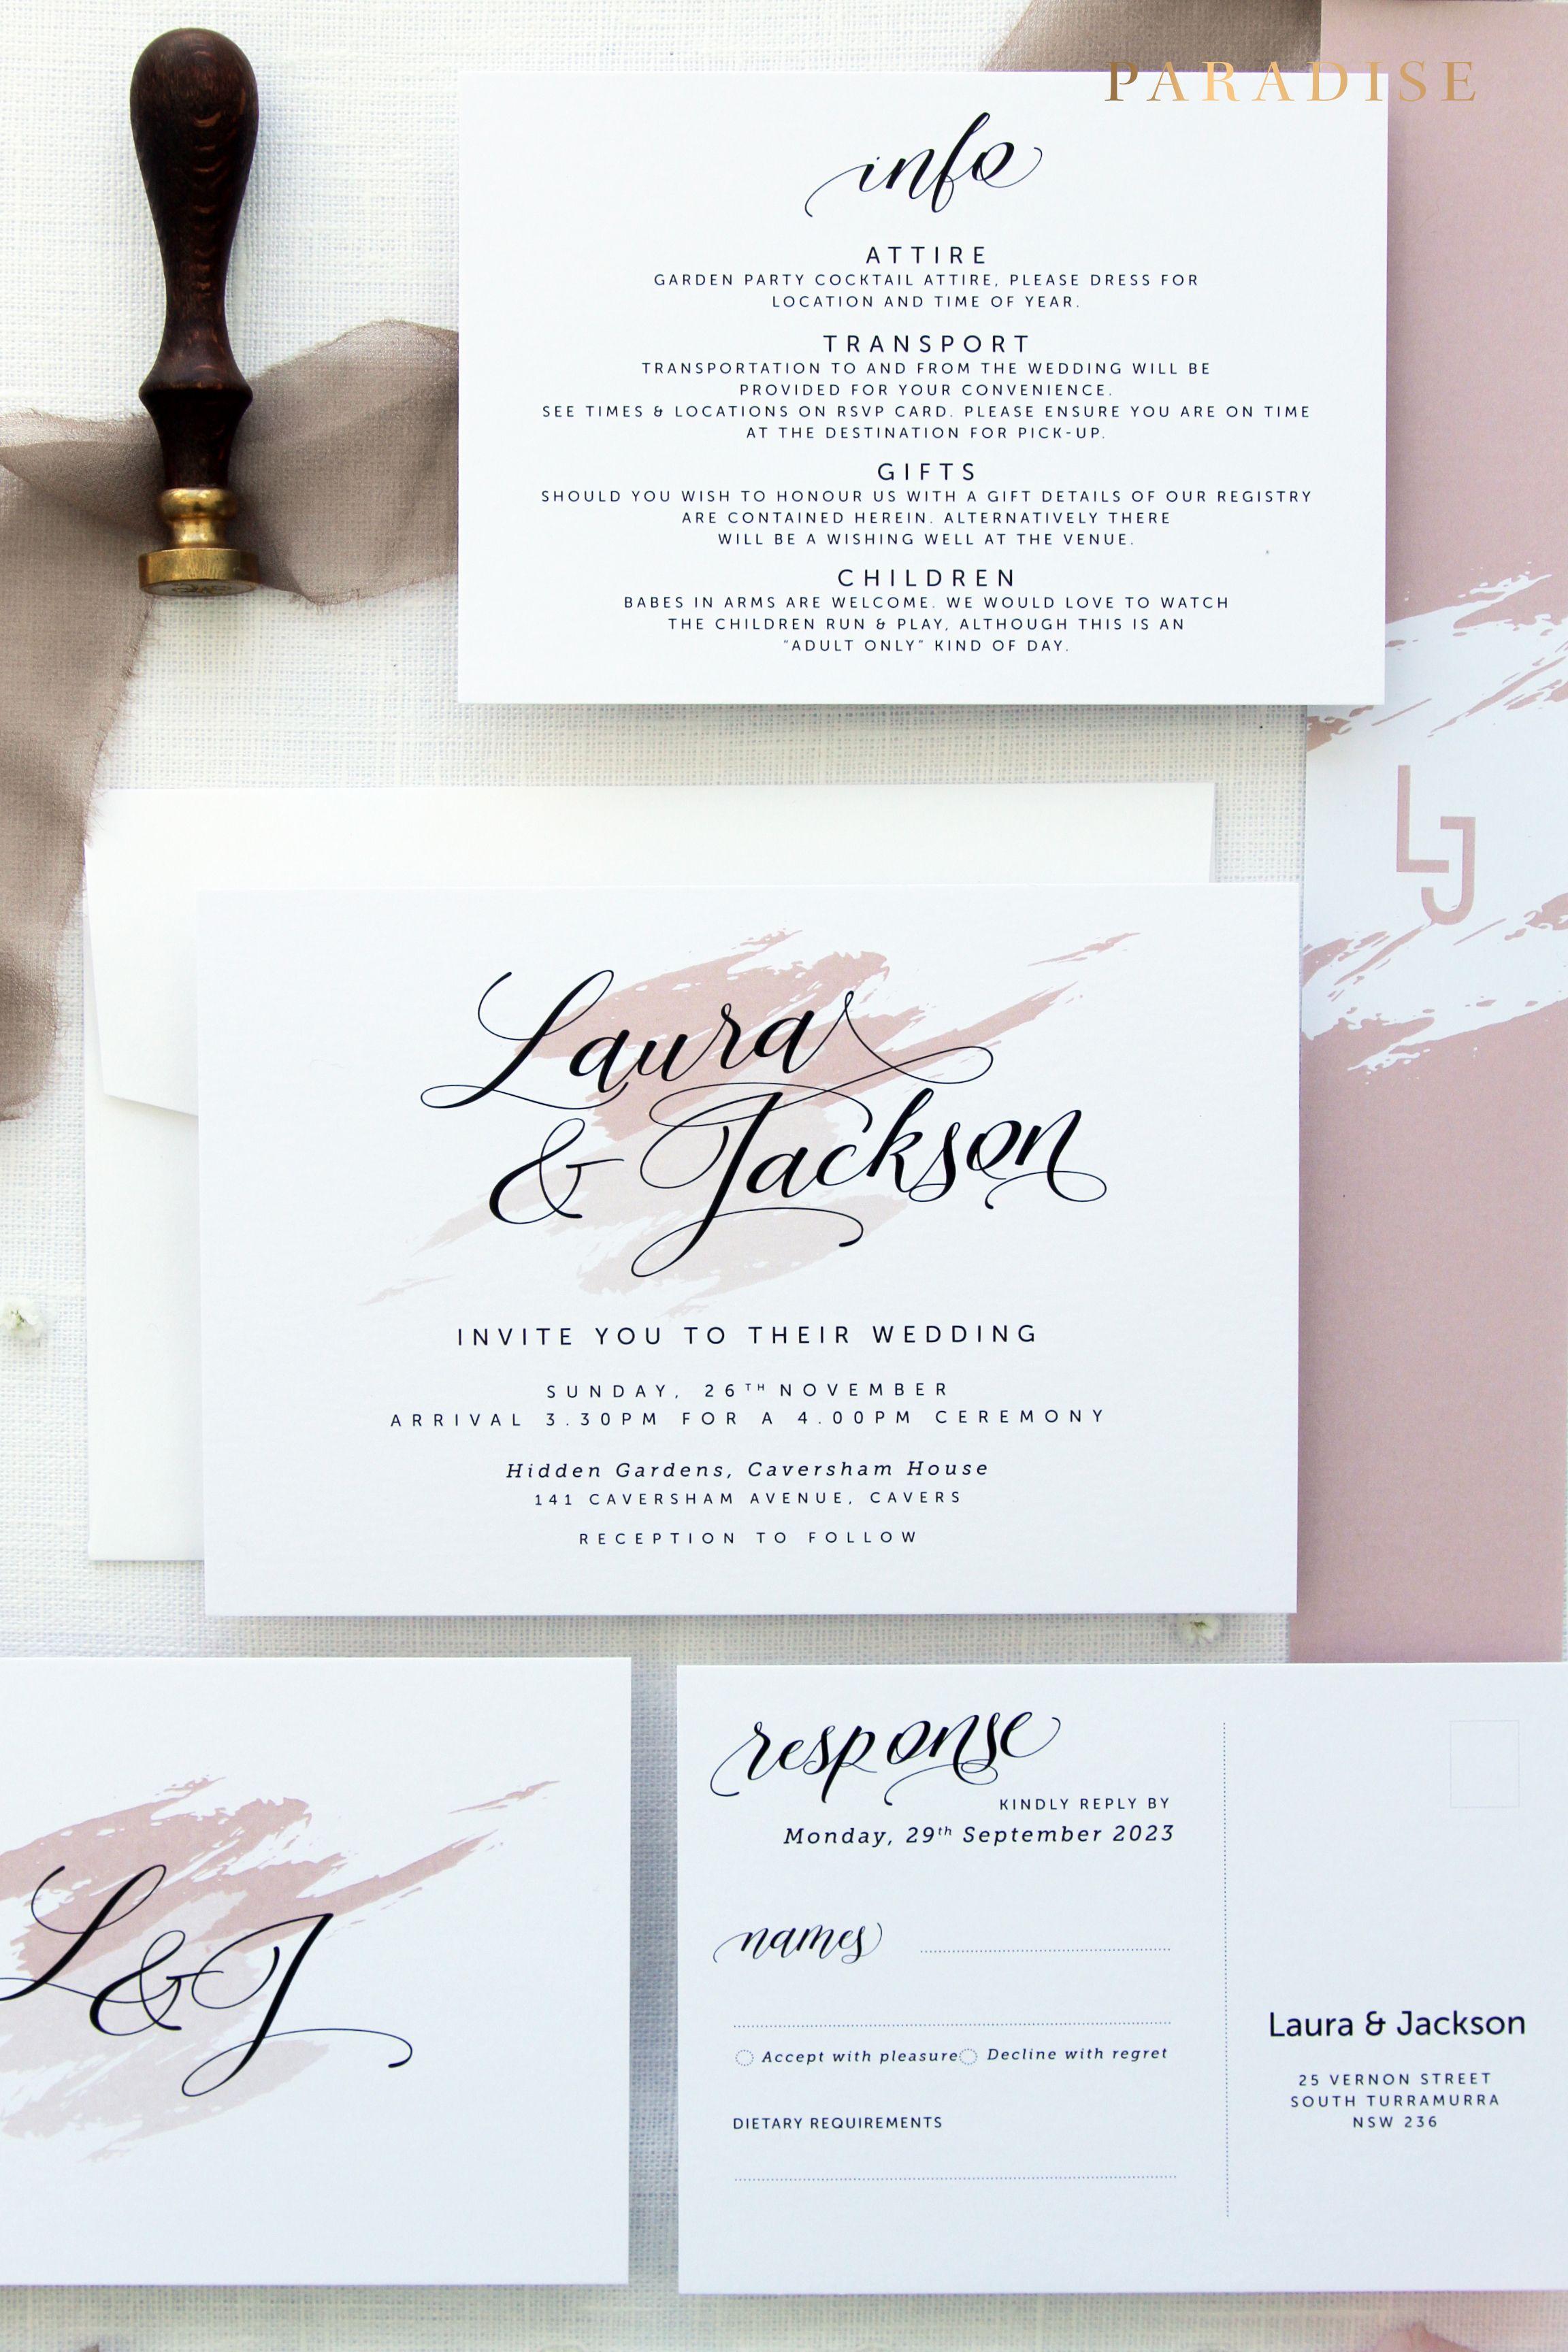 Mikaela Wedding Invitation Sets, Printable Wedding Invitations or ...